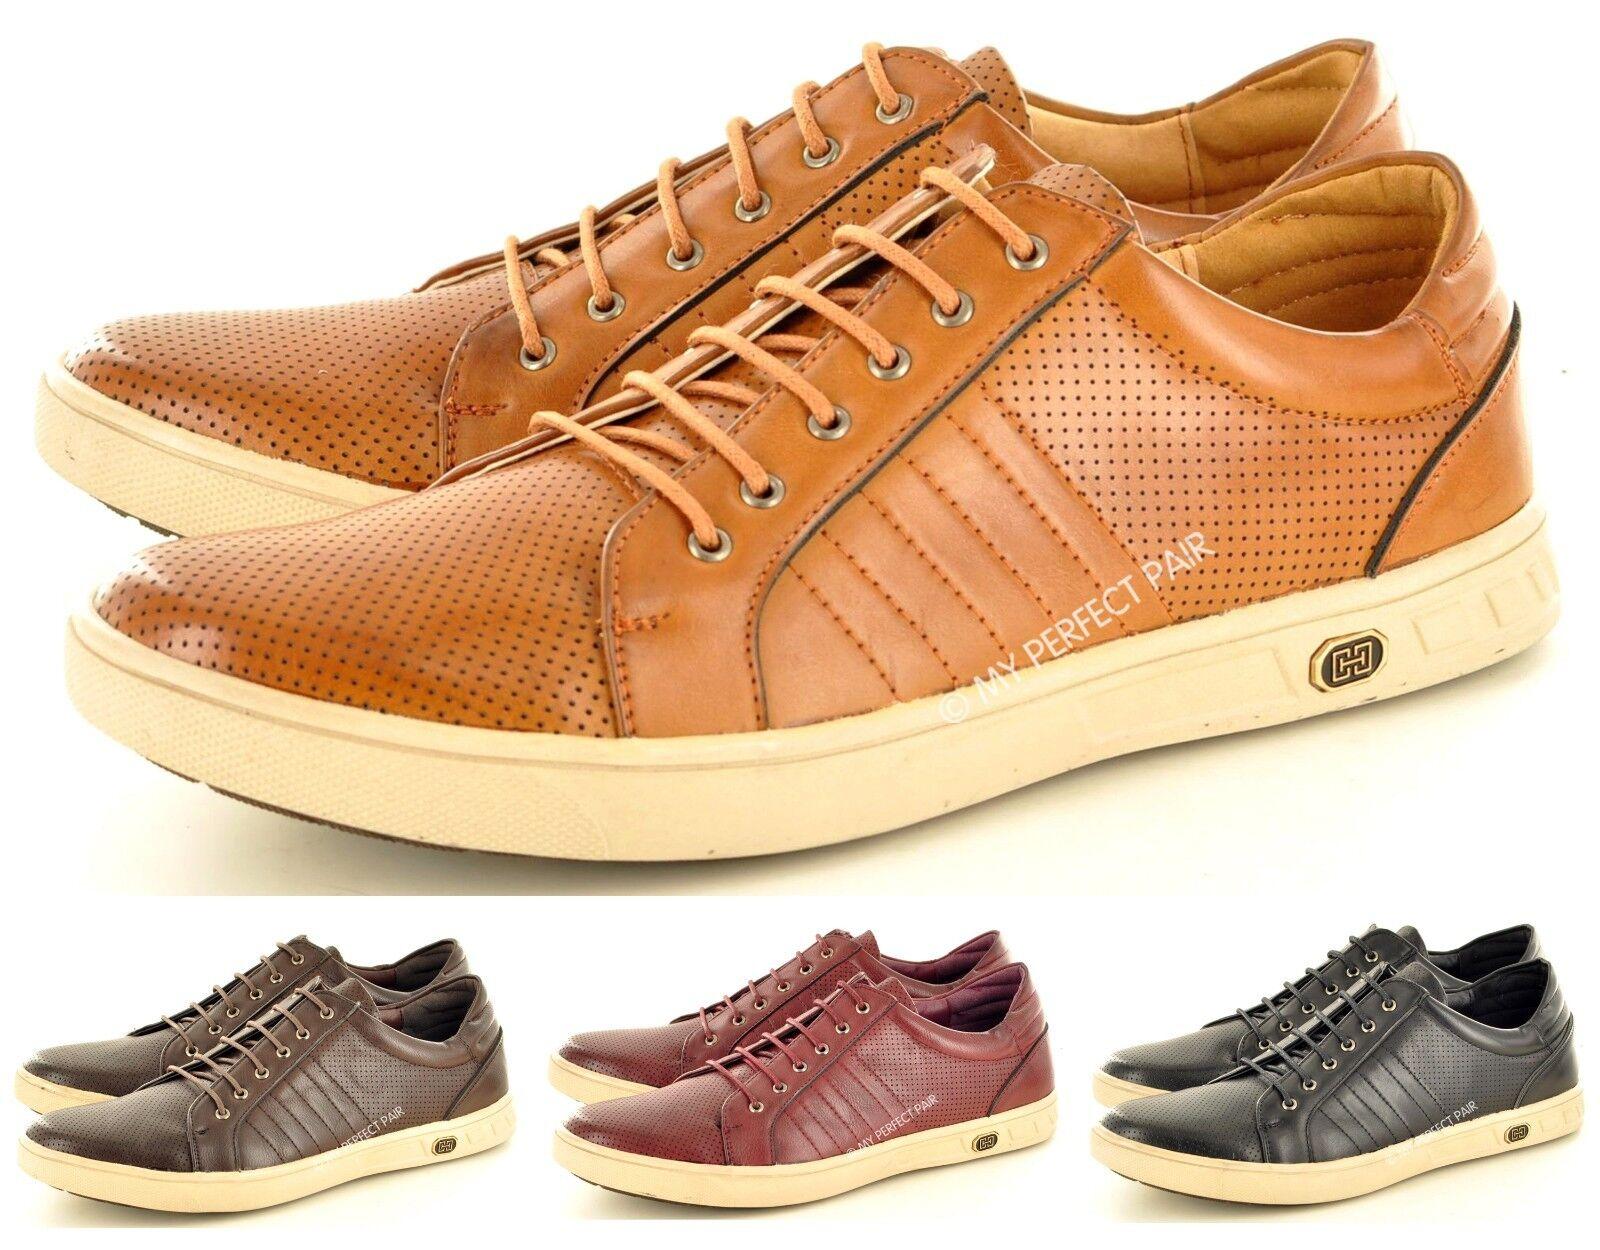 Hombre Nuevo Tostado Casual Negro Rojo Marrón Tostado Nuevo Zapatos con Cordones 466909